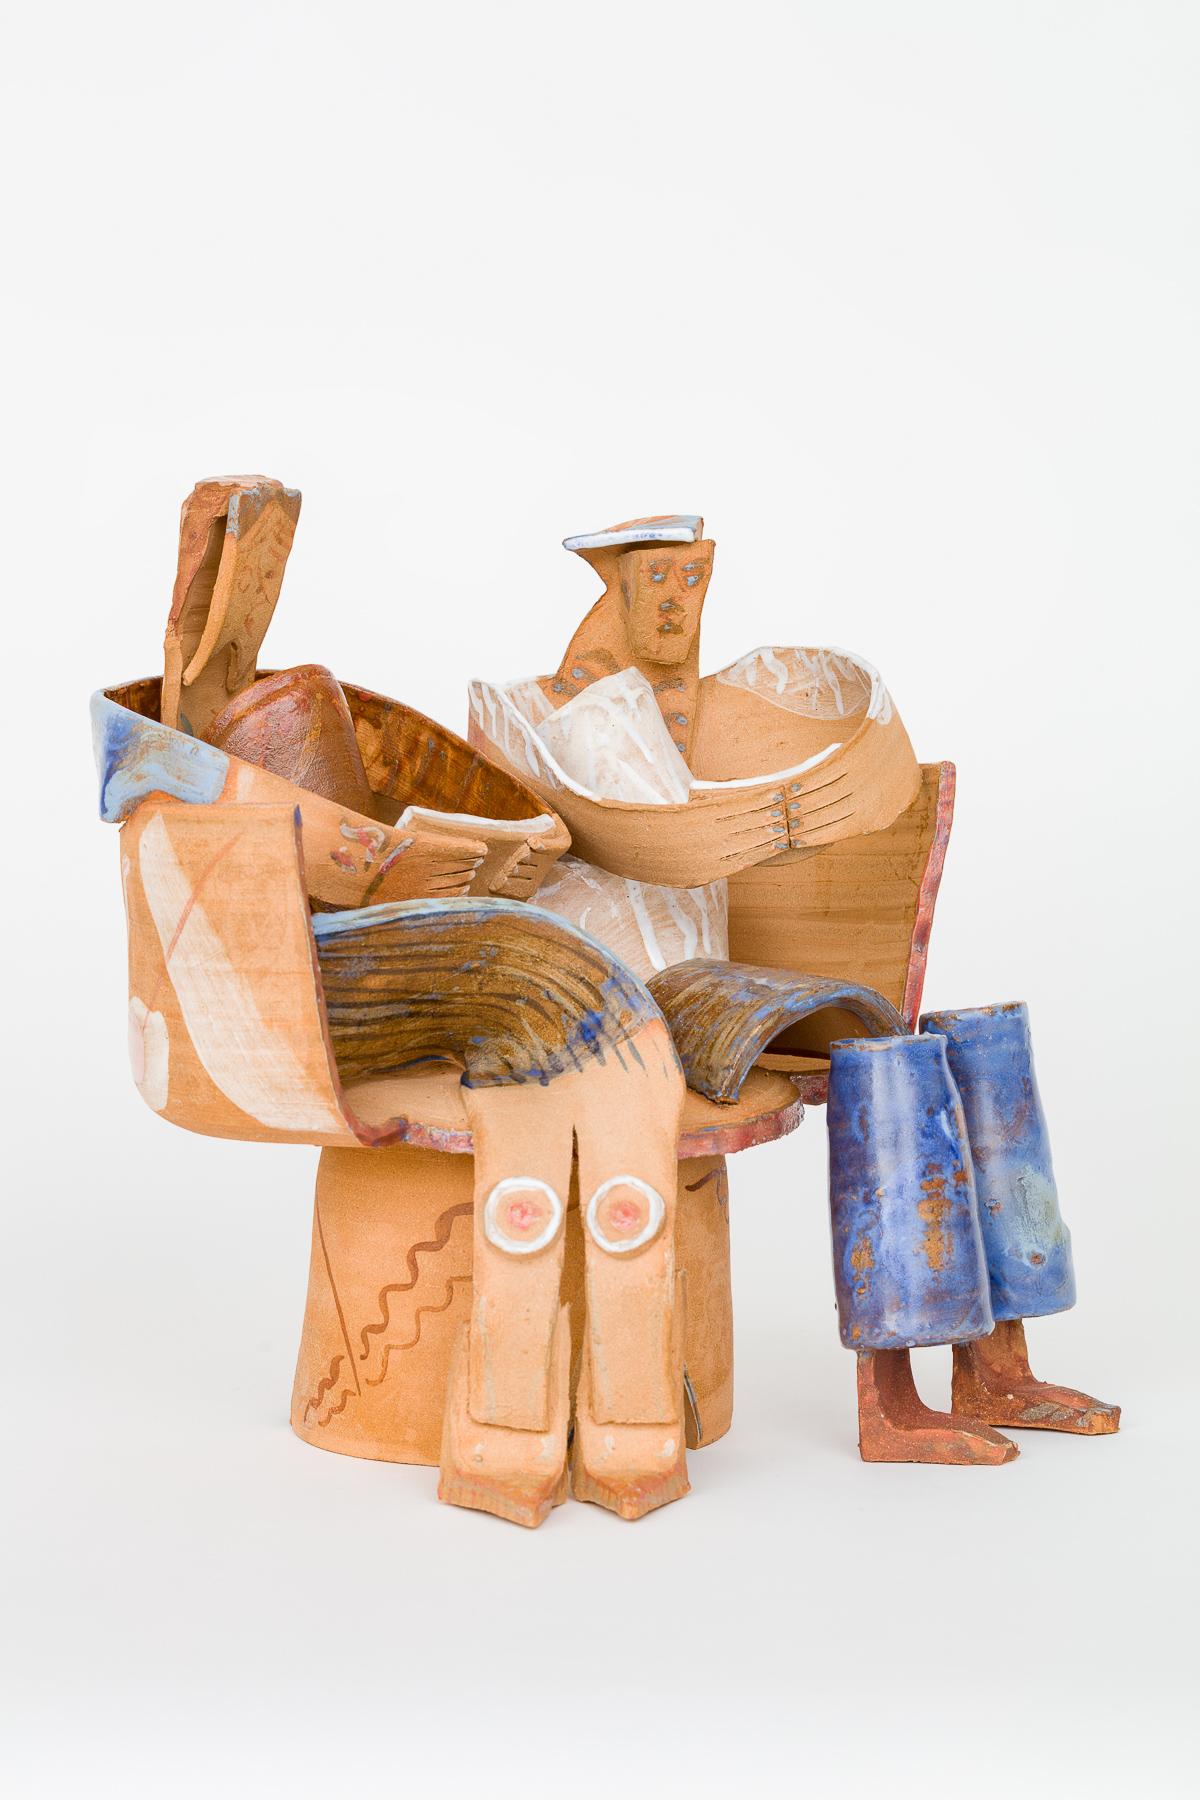 Anna Schachinger_Keramikskulpturen_bykunstdokumentationcom_11.jpg